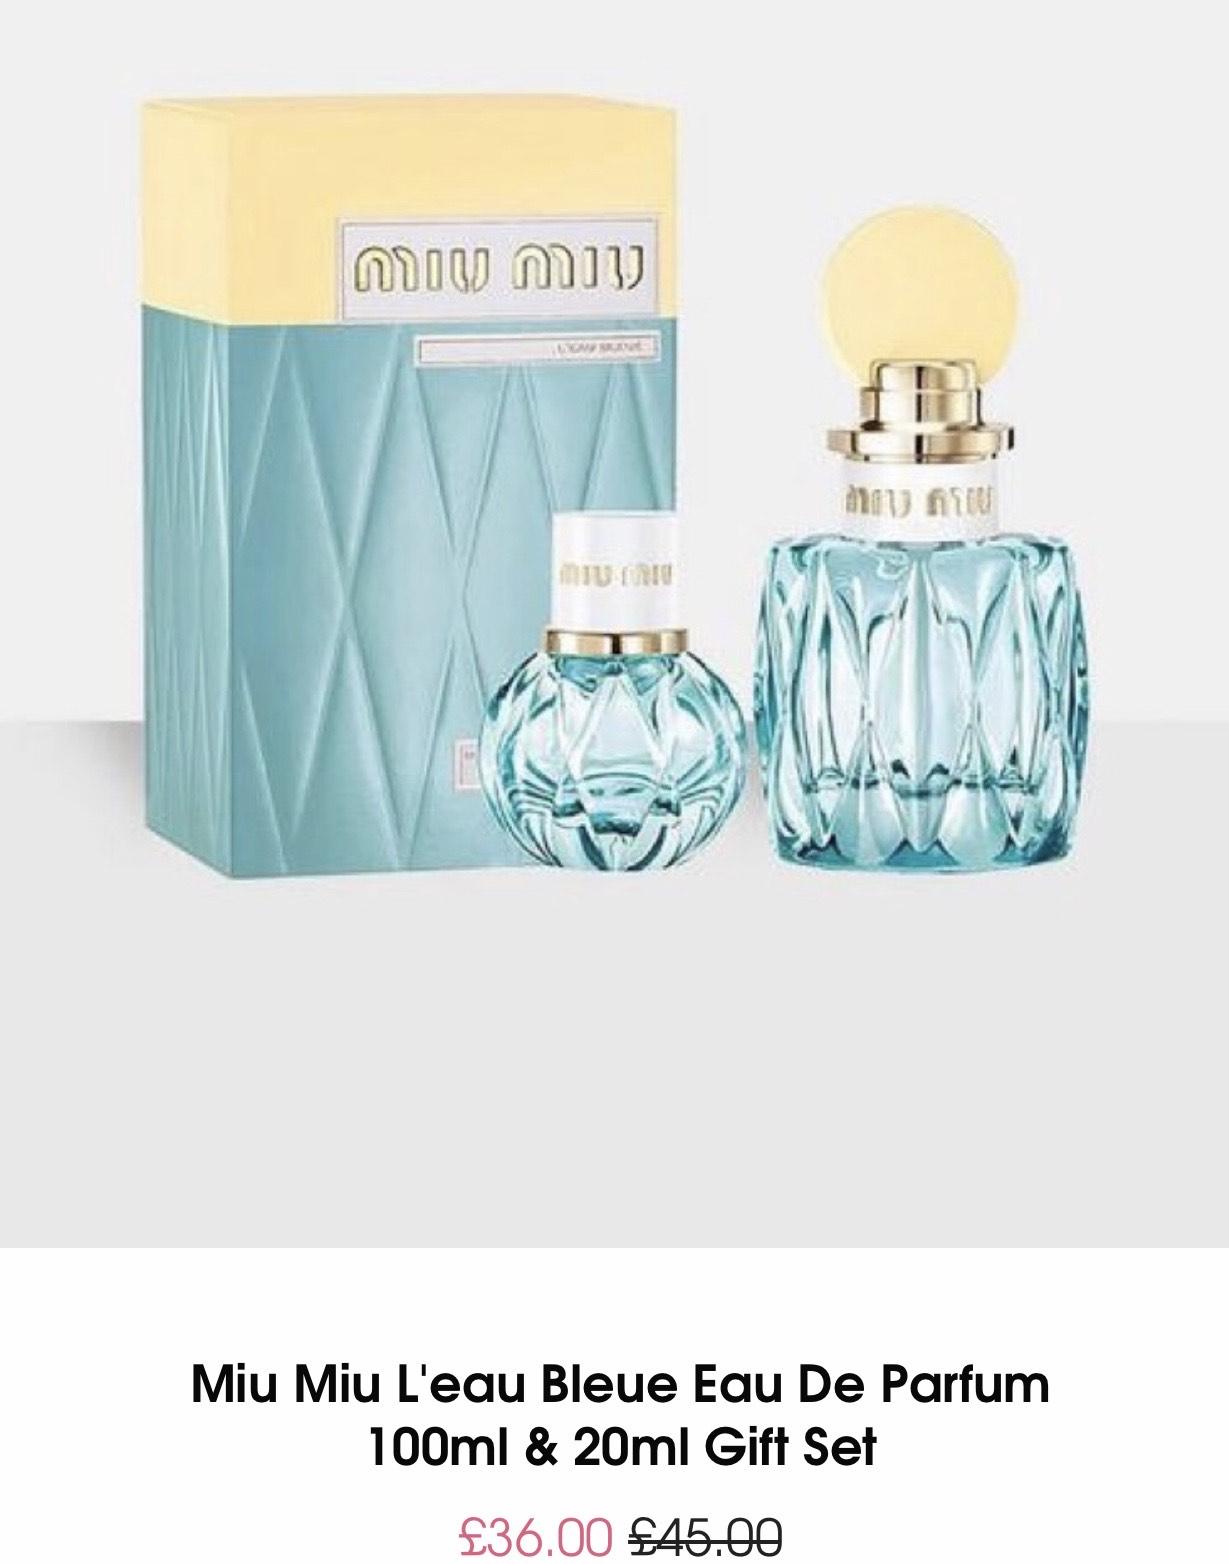 Miu Miu l'eau bleue eau de parfum 100ml & 20ml gift set £37.99 del @ MissGuided